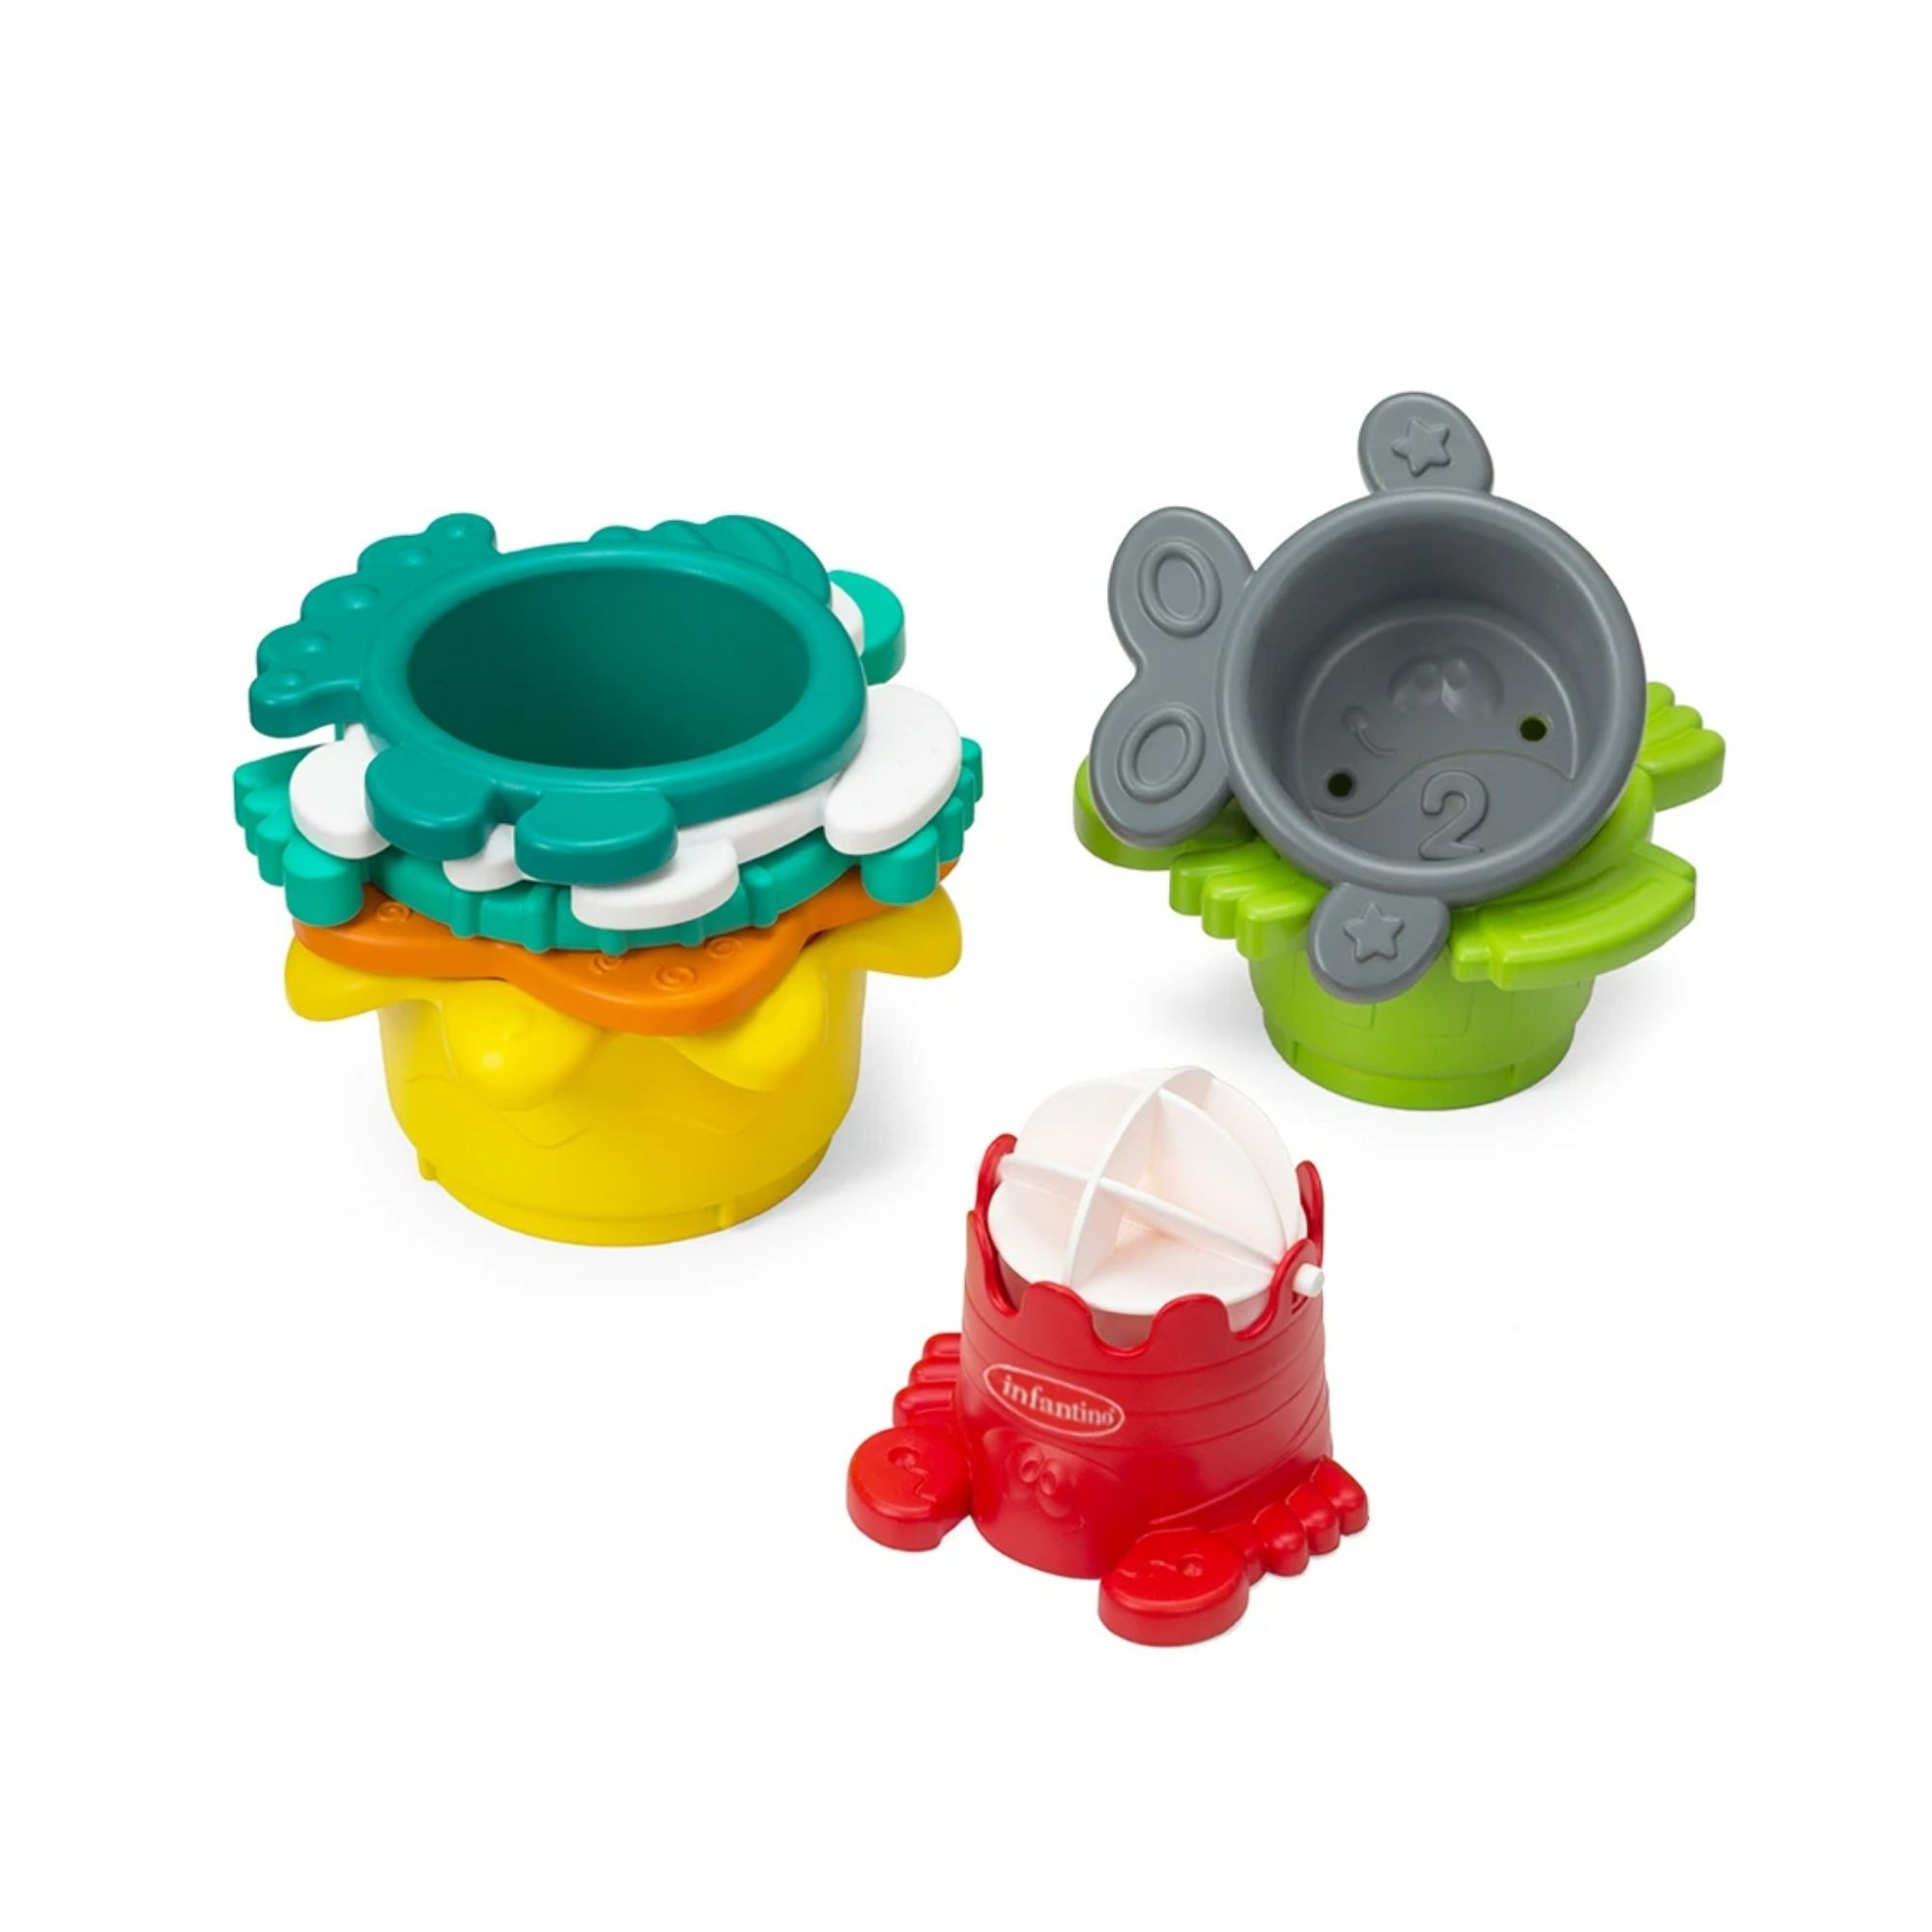 Brinquedo de Banho para empilhar Infantino   - Game Land Brinquedos